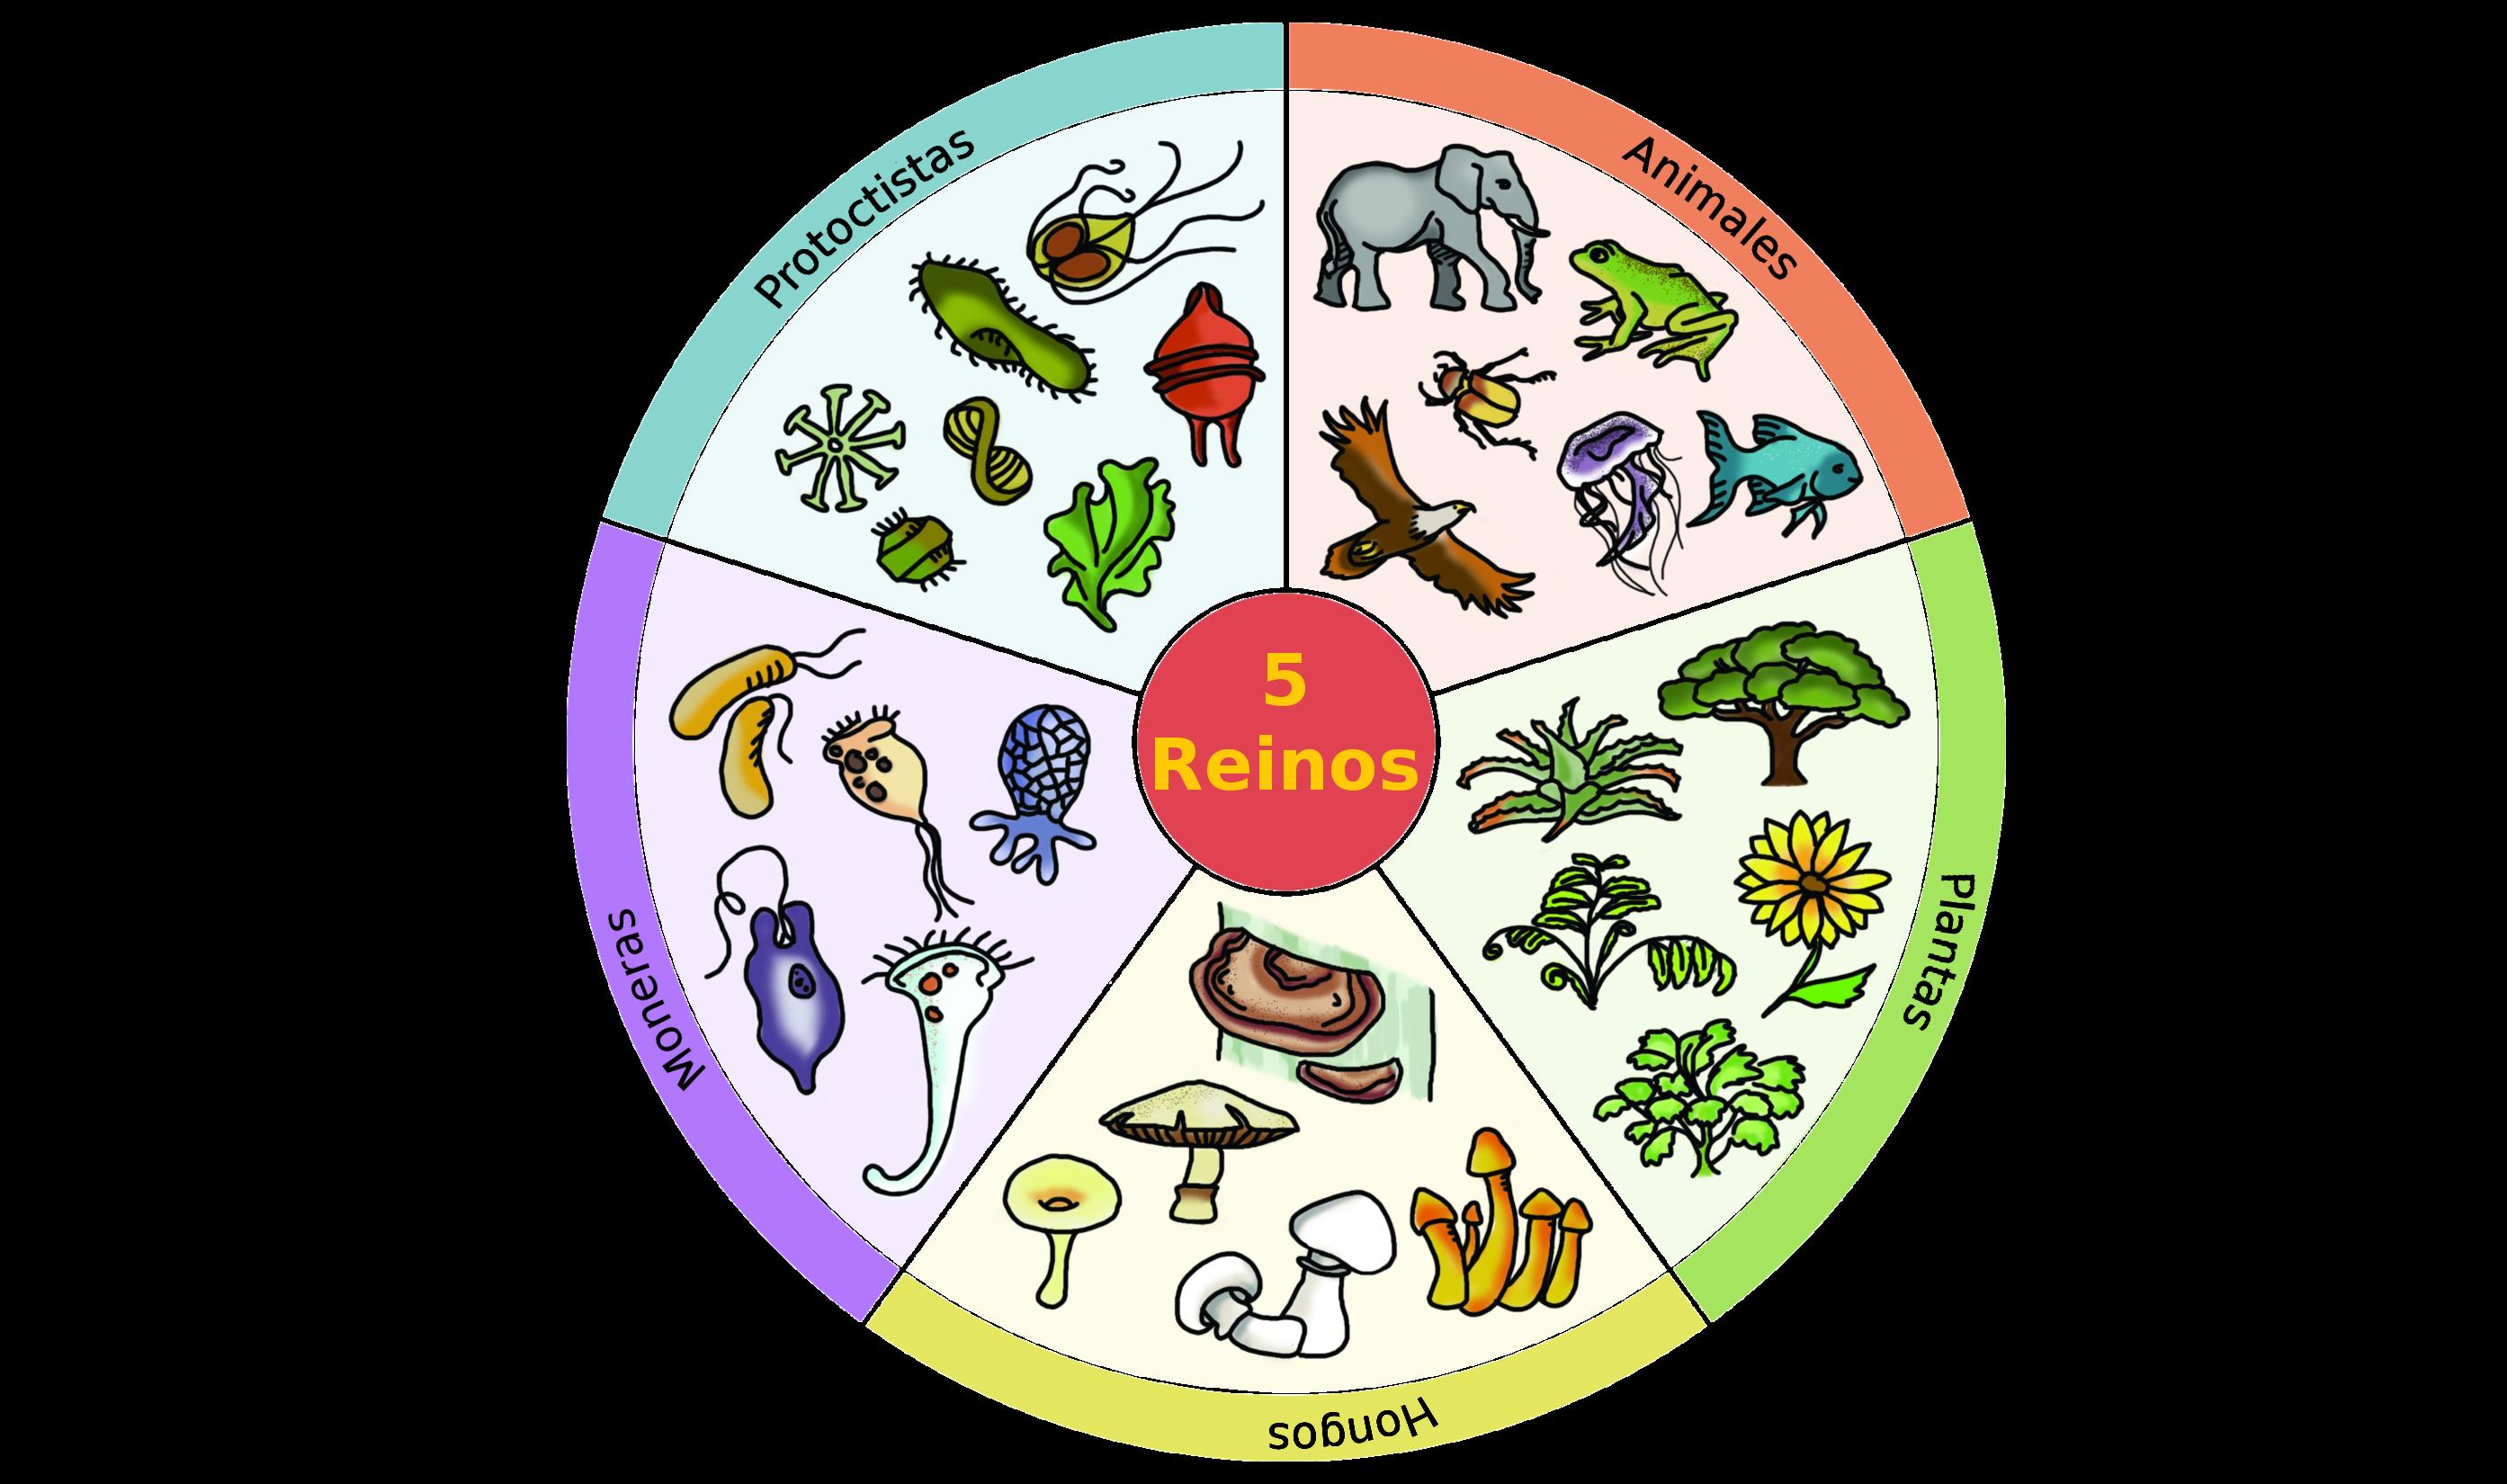 El Reino Animal Vertebrados Los Animales Más Evolucionados